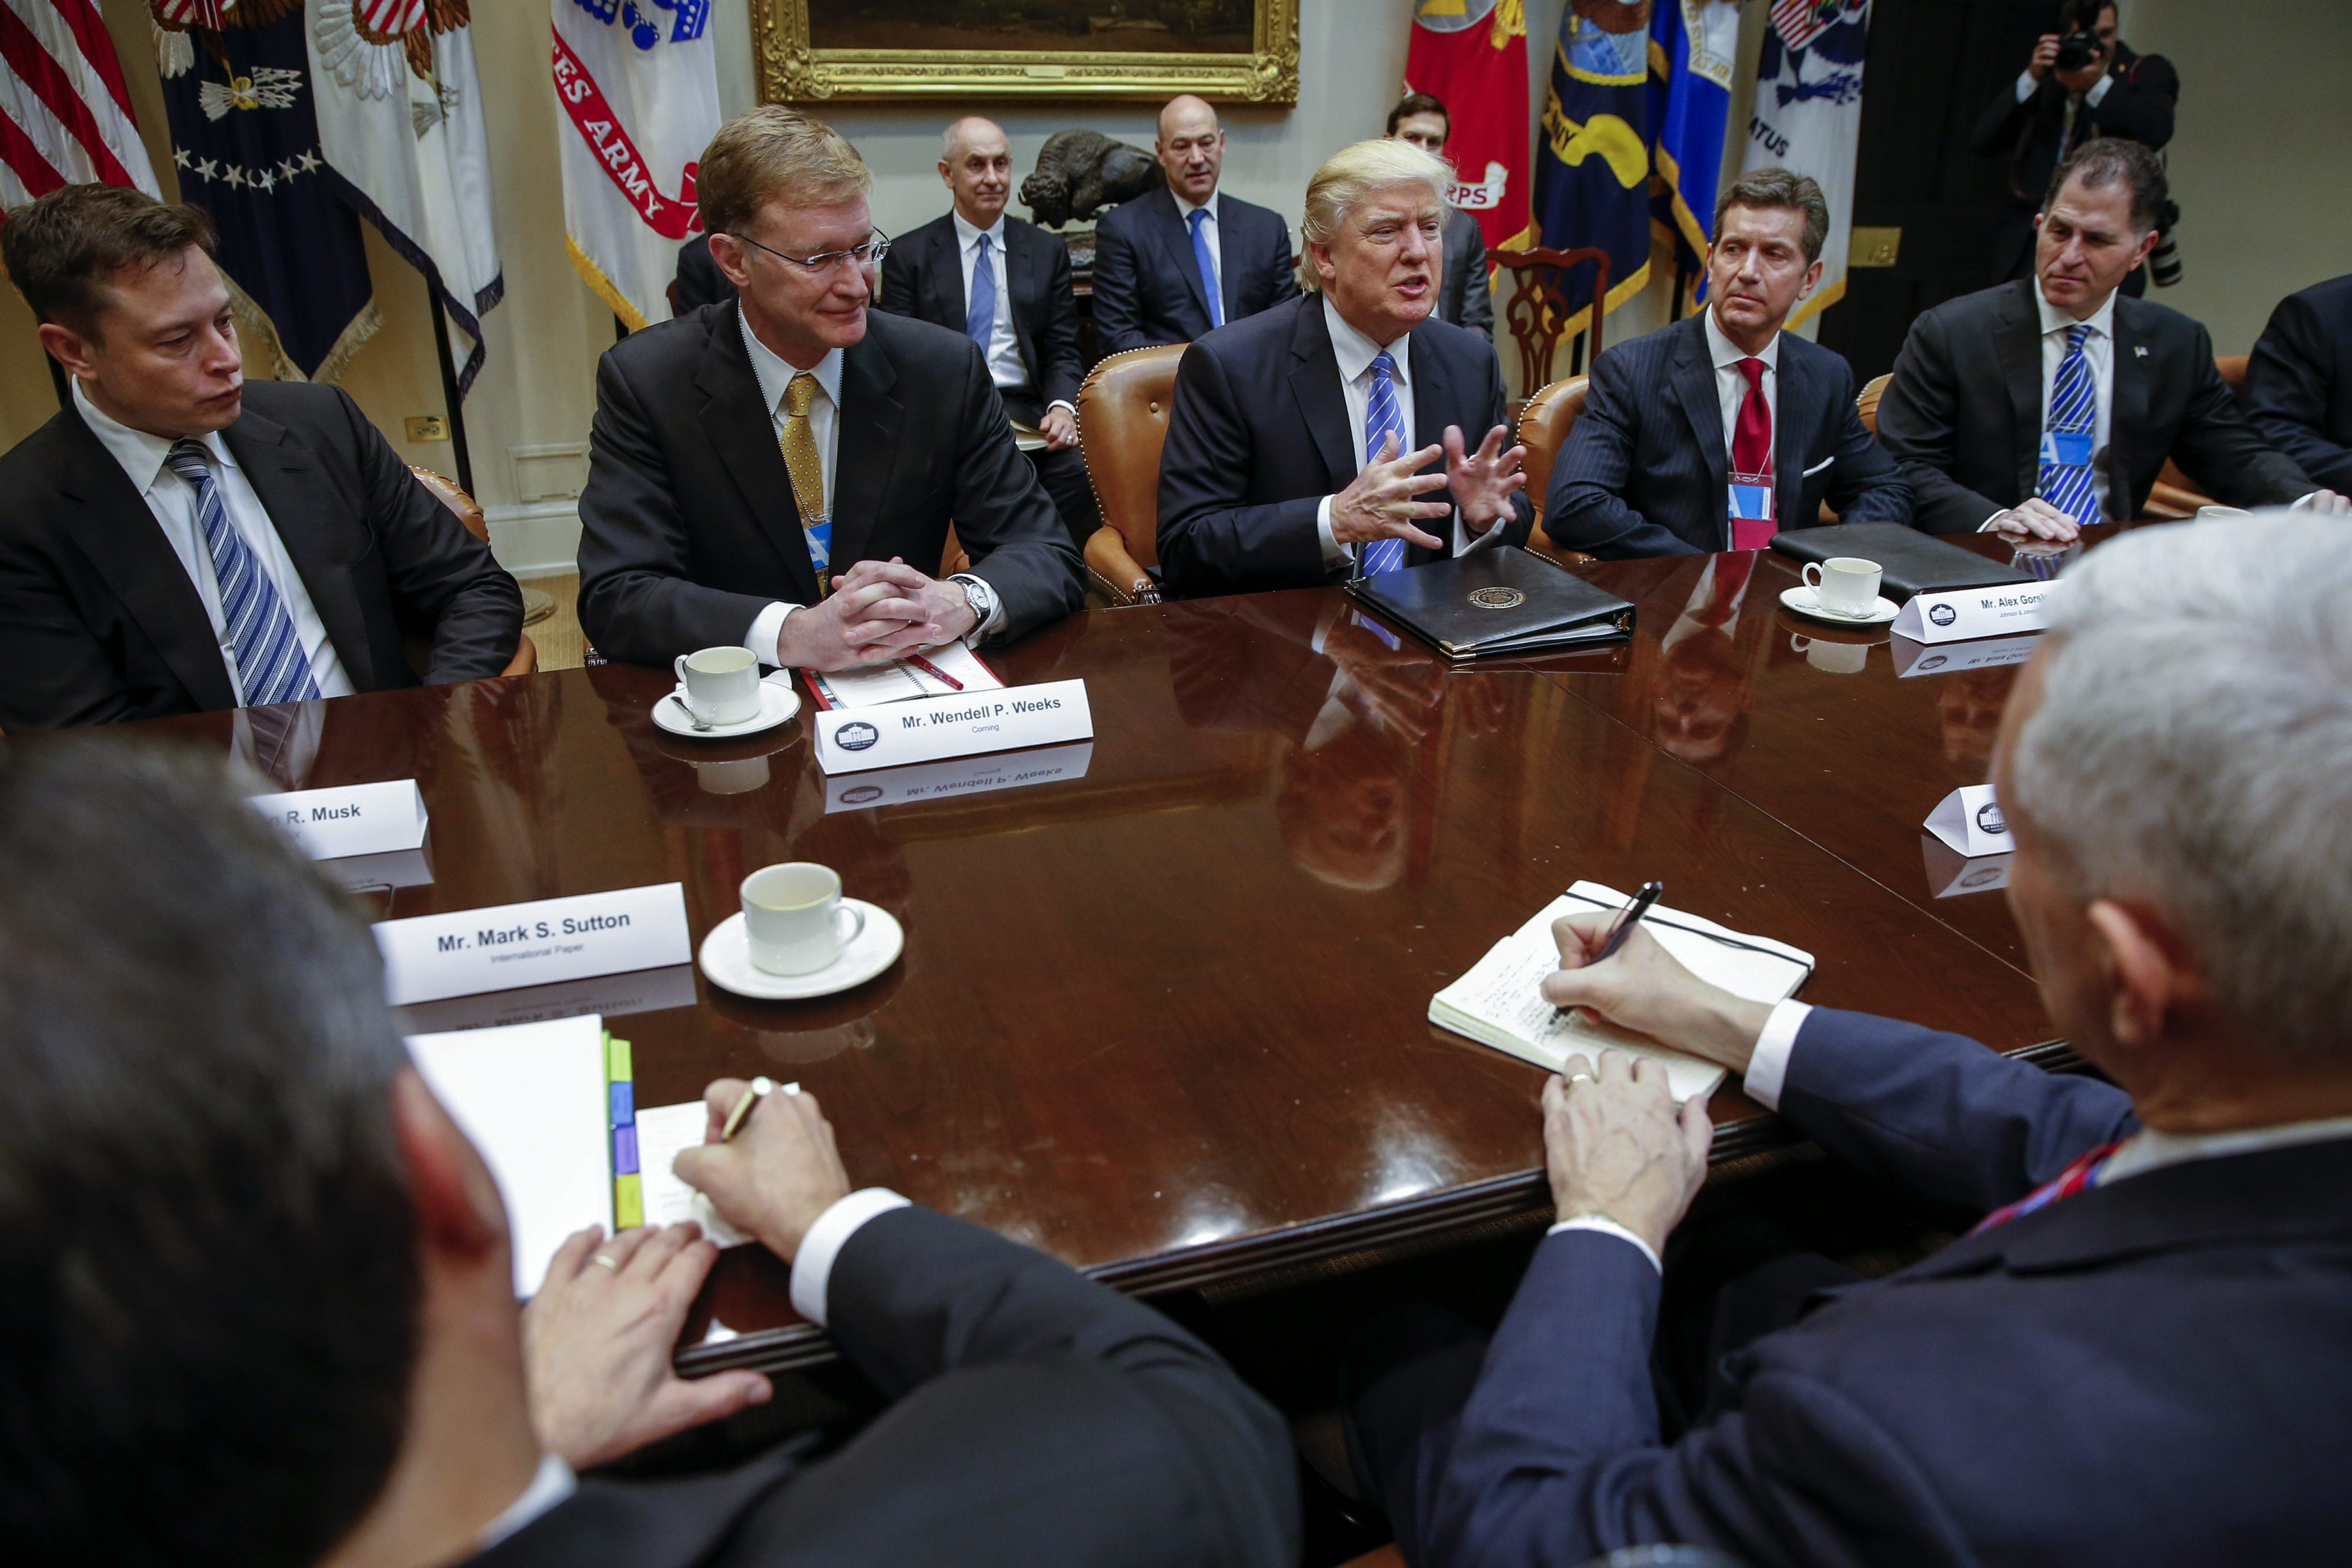 Trump promete a empresários suprimir 75% da regulamentação e baixar impostos